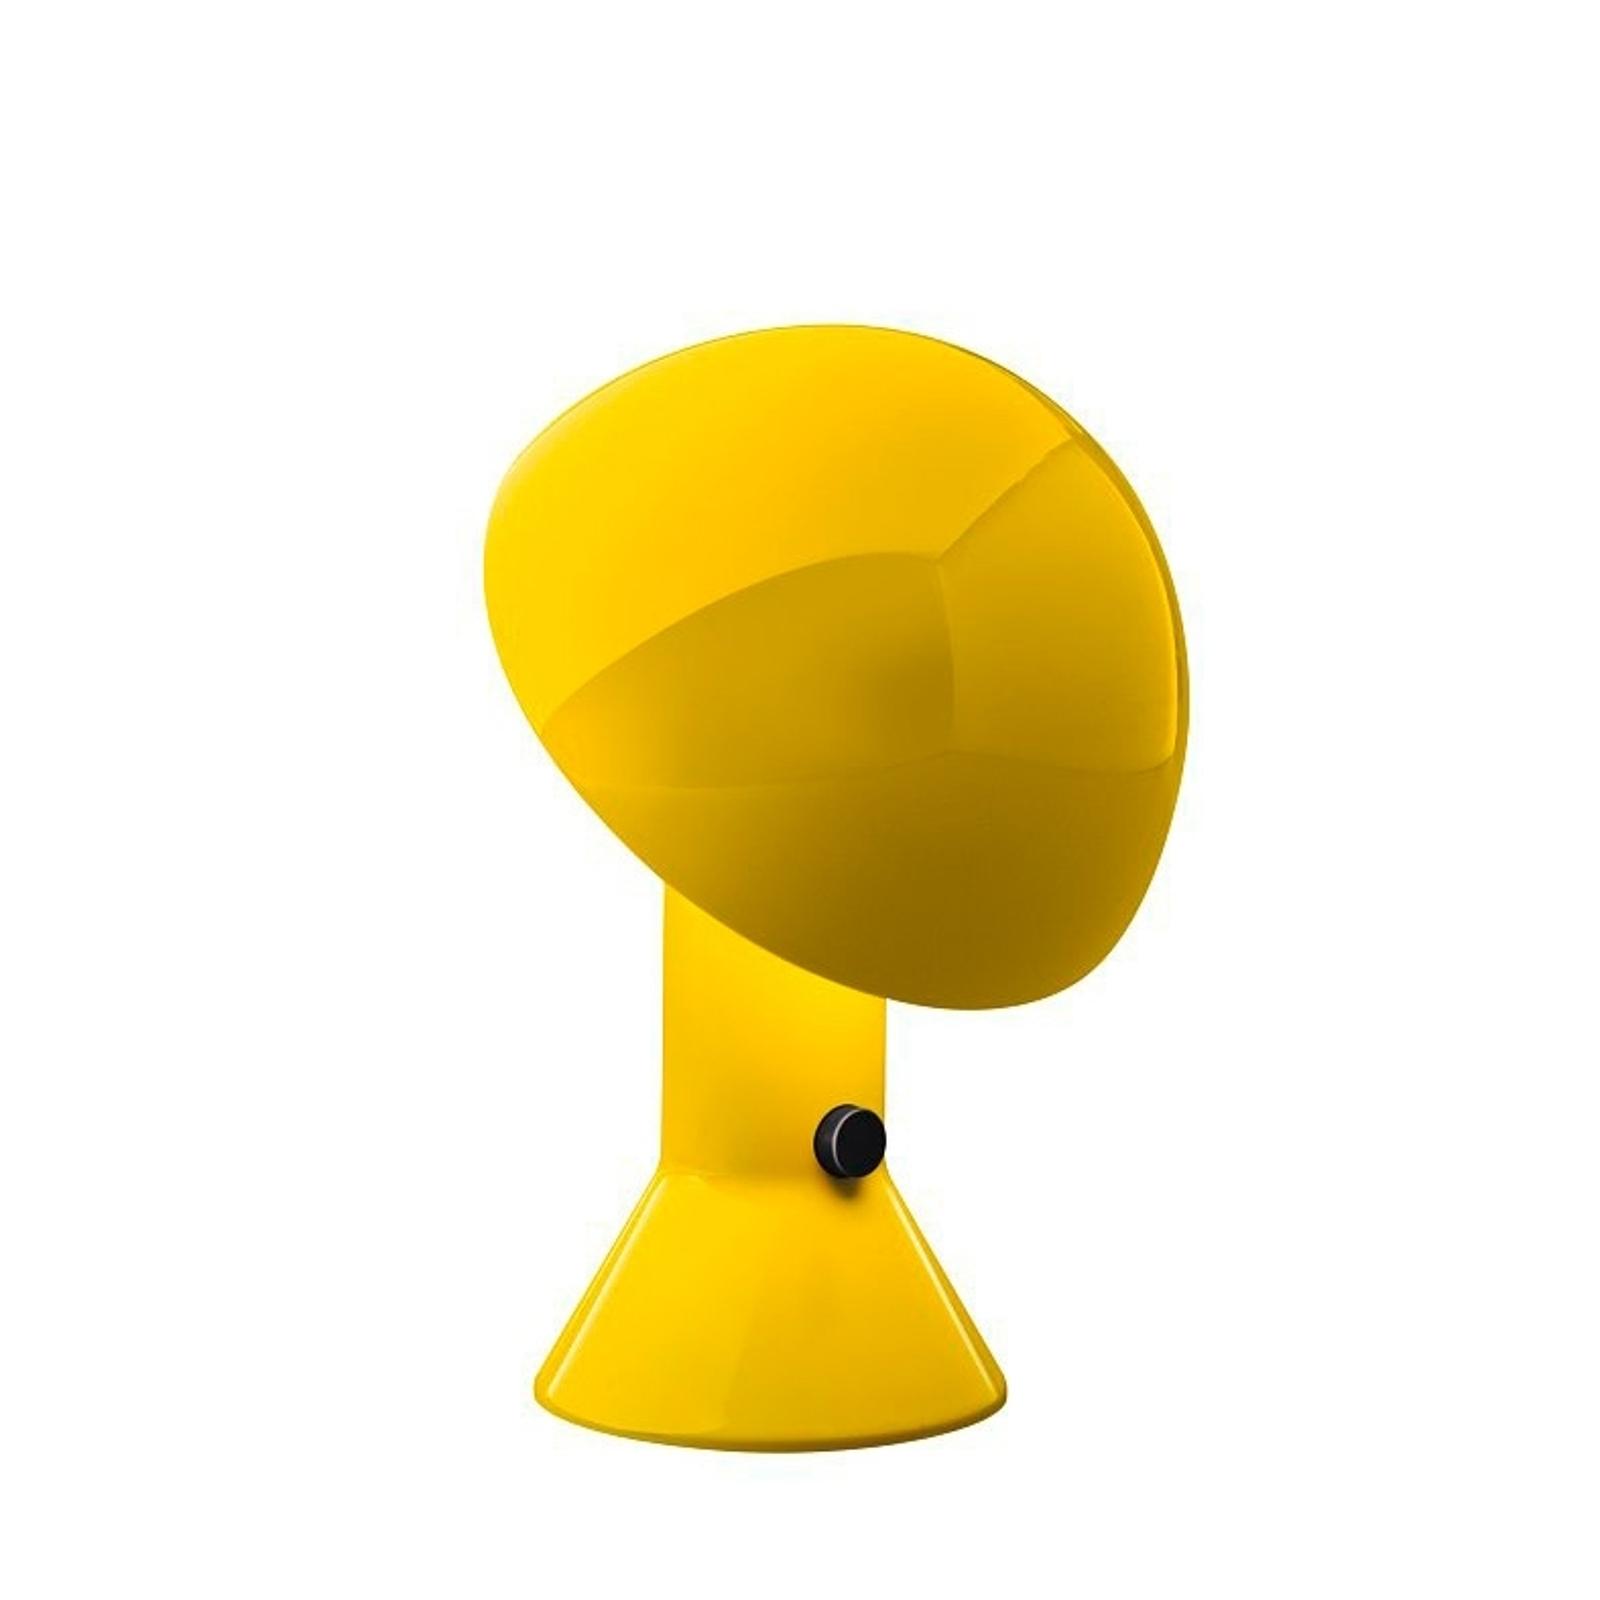 Martinelli Luce Elmetto - Tischleuchte, gelb